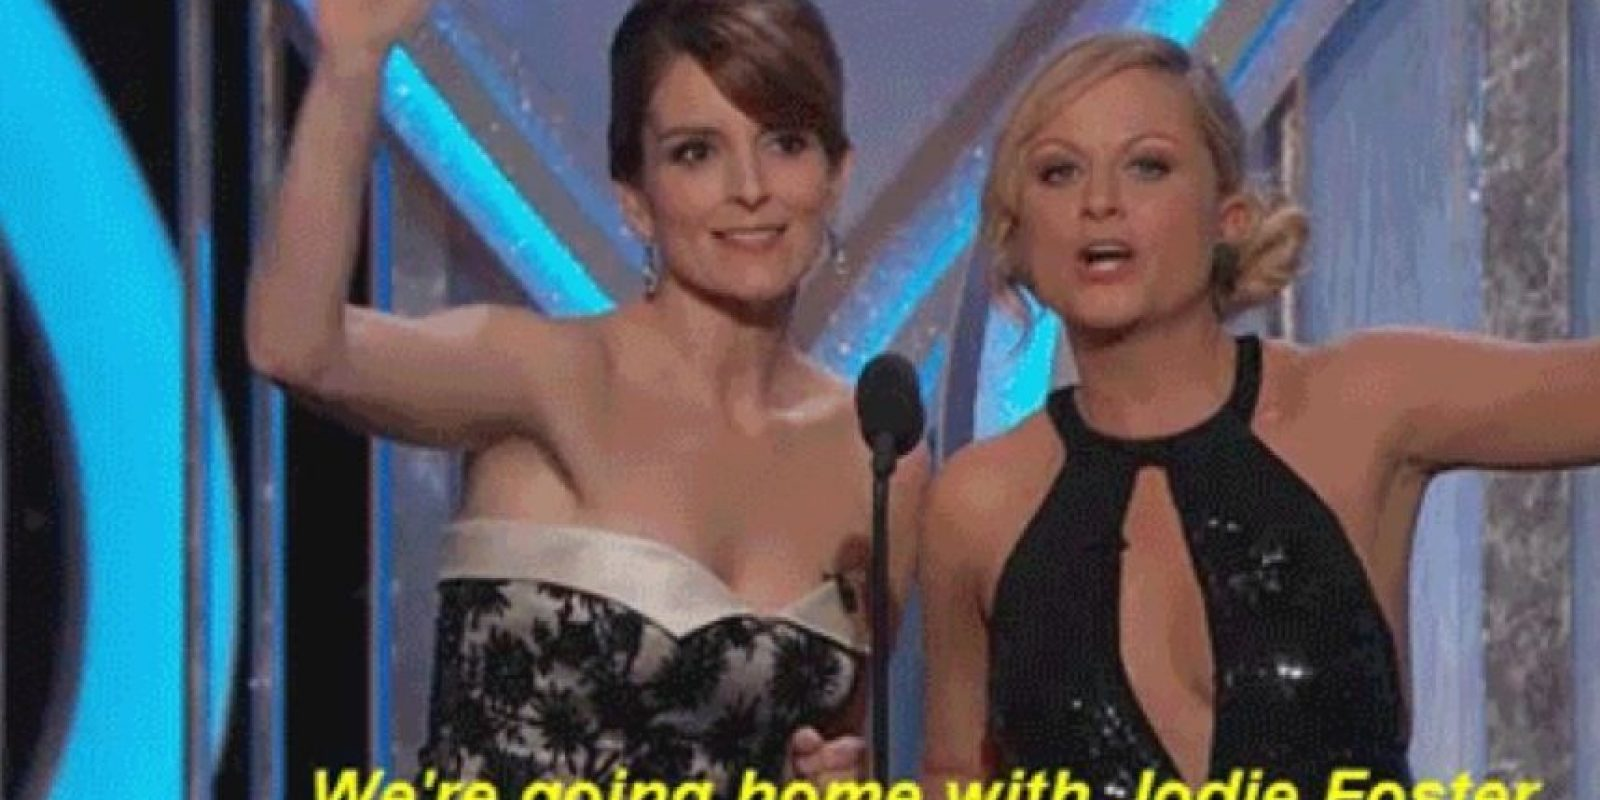 No paró ahí: Ante el discurso abiertamente gay de Jodie Foster también bromearon. Foto:NBC